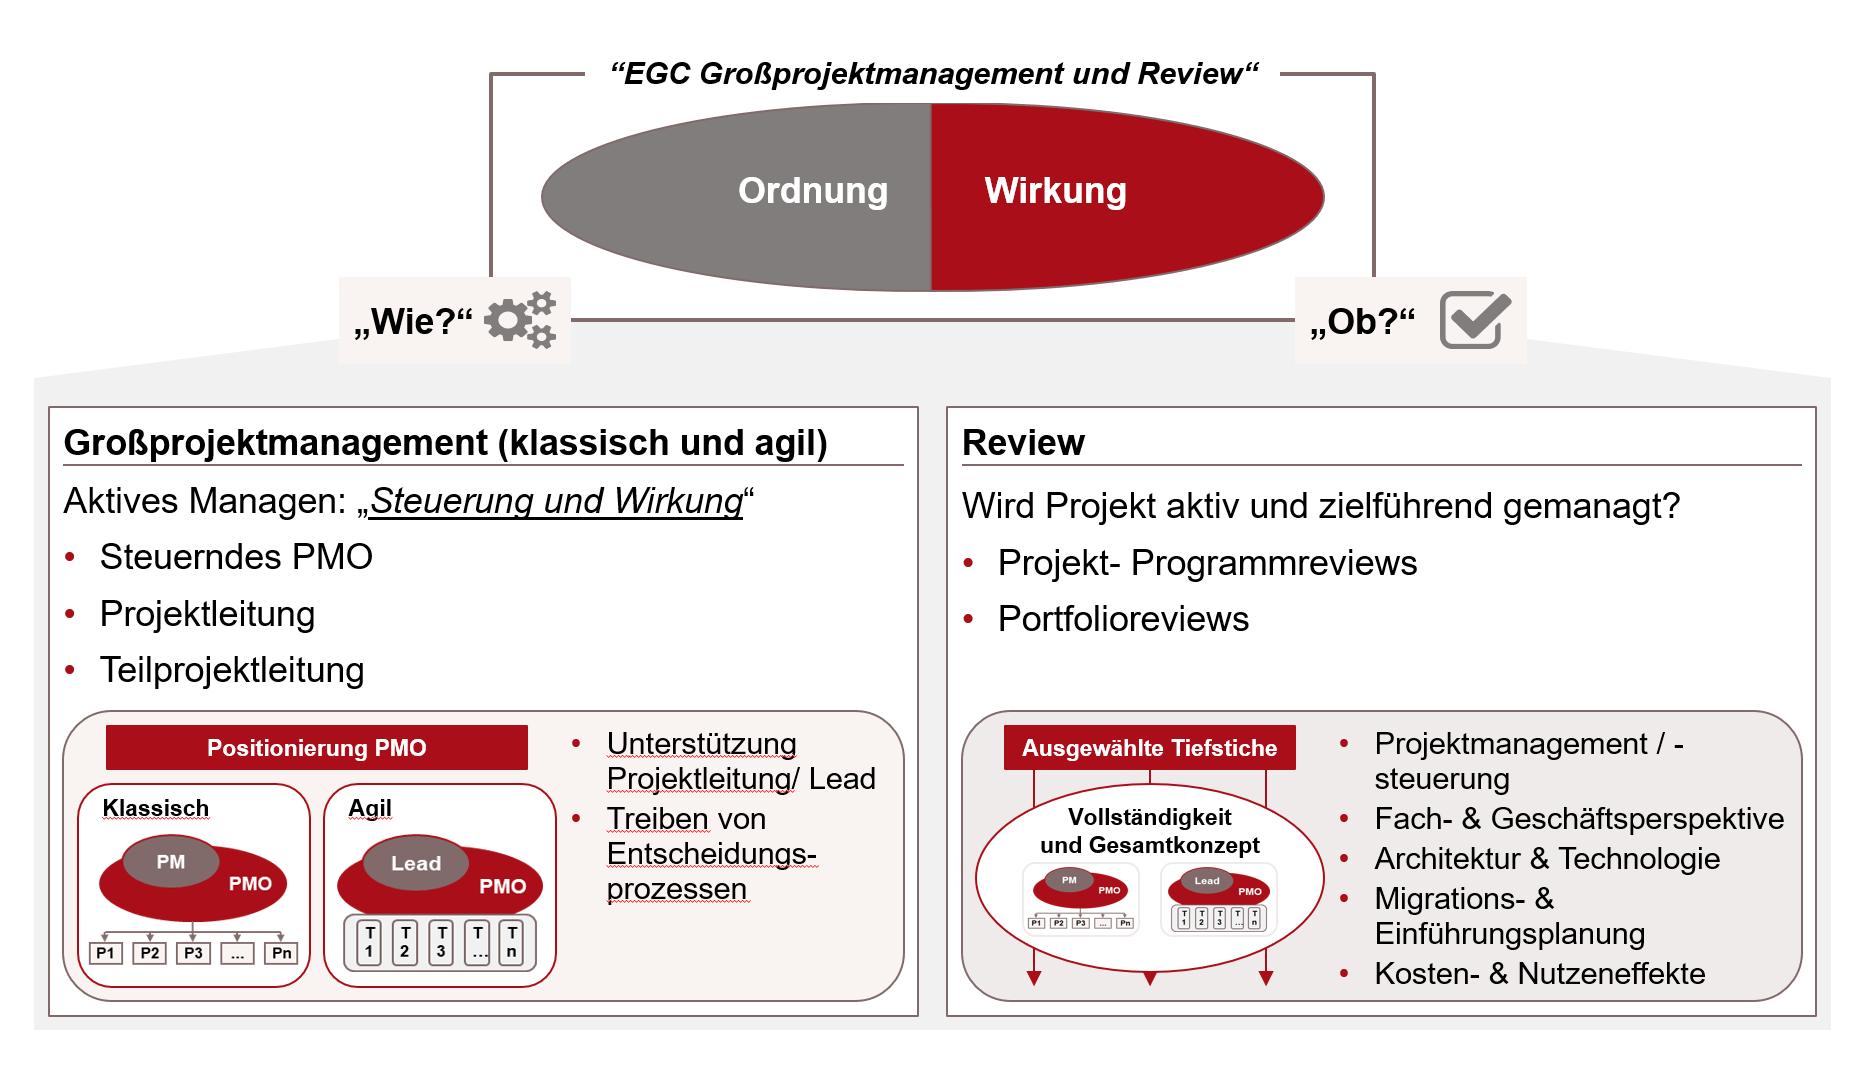 """""""Ordnung"""" und """"Wirkung"""" beim Projektmanagement und Reviews"""